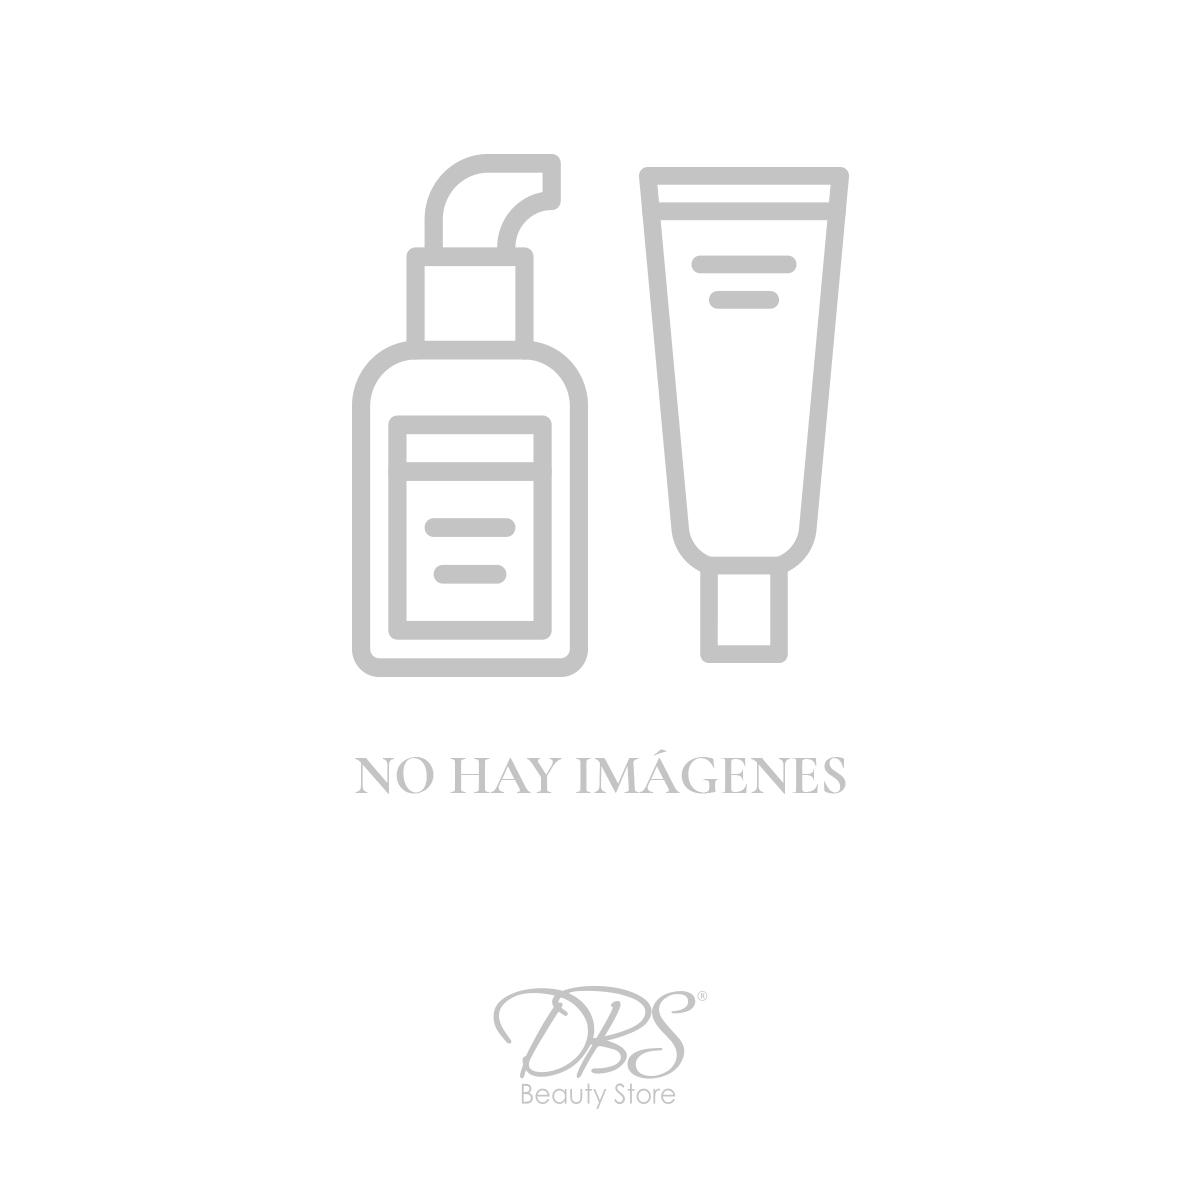 Acondicionador Hair Pro Volume Cabello Fino 500 Ml